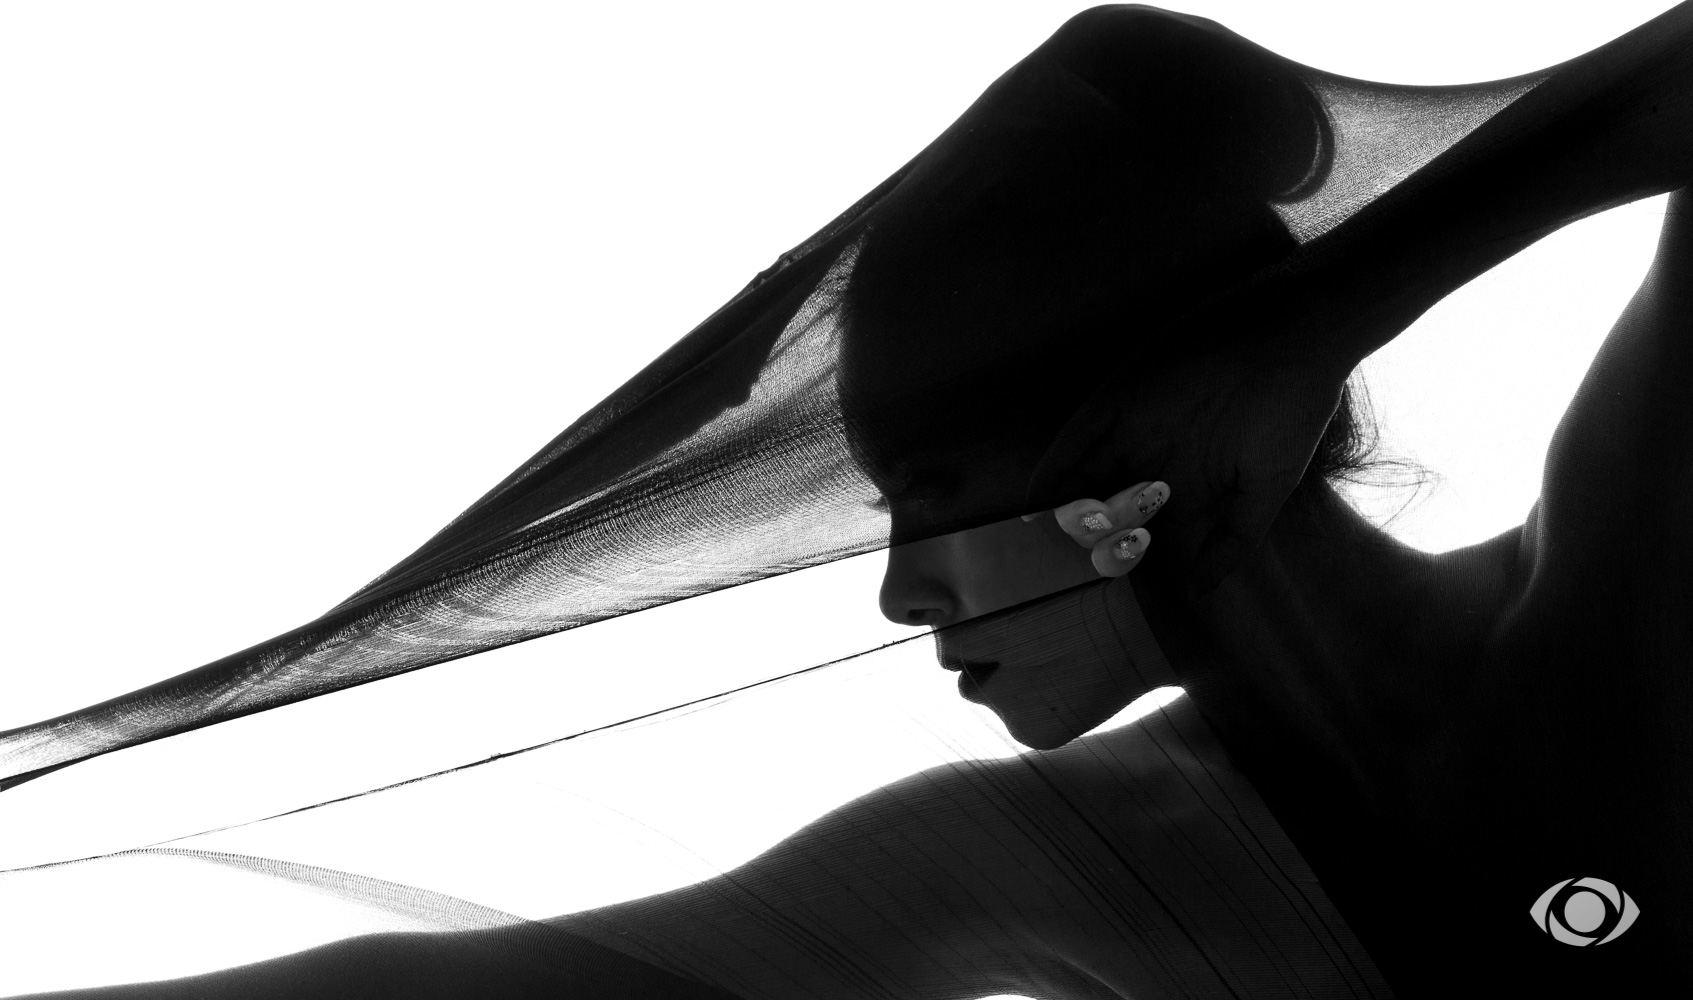 jenny suv femme genève modèle mannequin suisse maquilleuse danseuse portrait noir blanc charme artistique